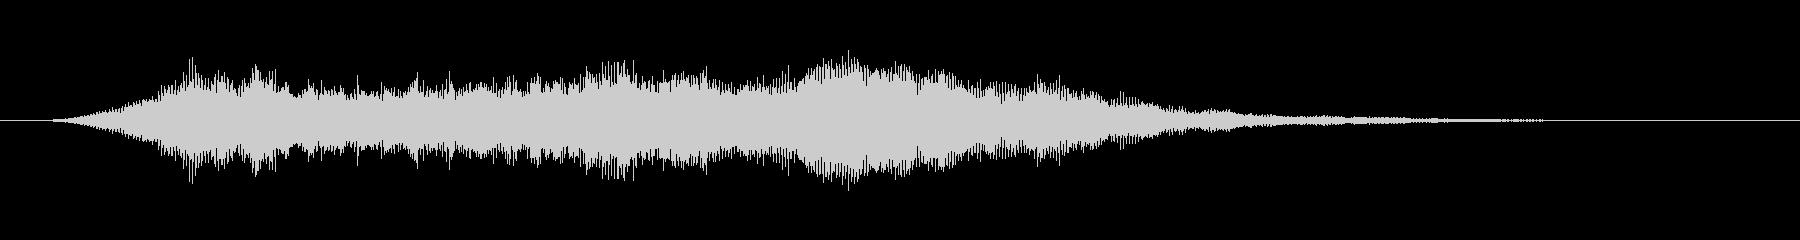 未来感のある電子音のサウンドロゴの未再生の波形